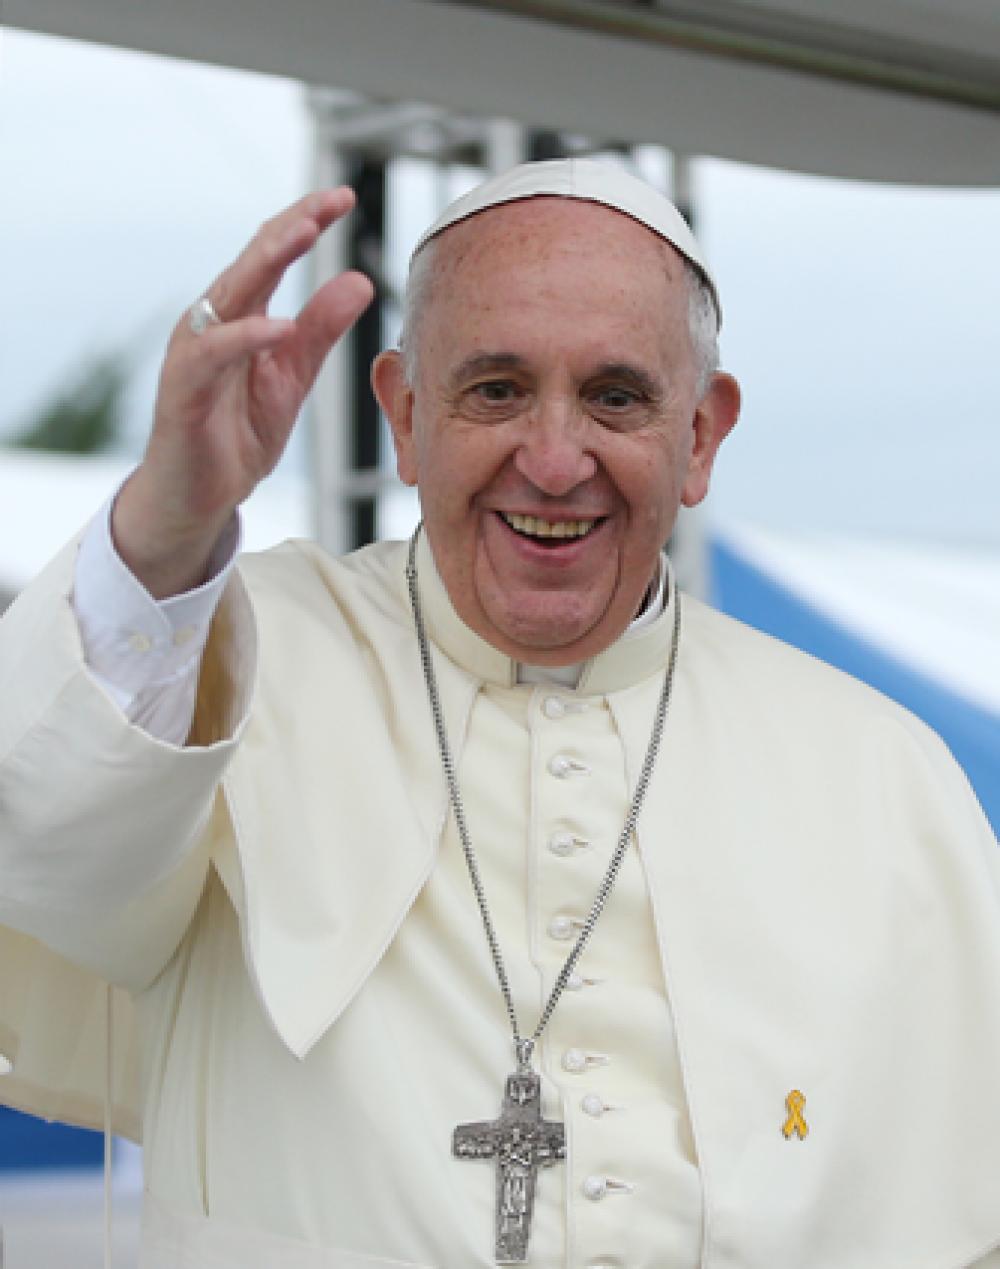 В рейтинге также оказался Папа Римский Франциск.